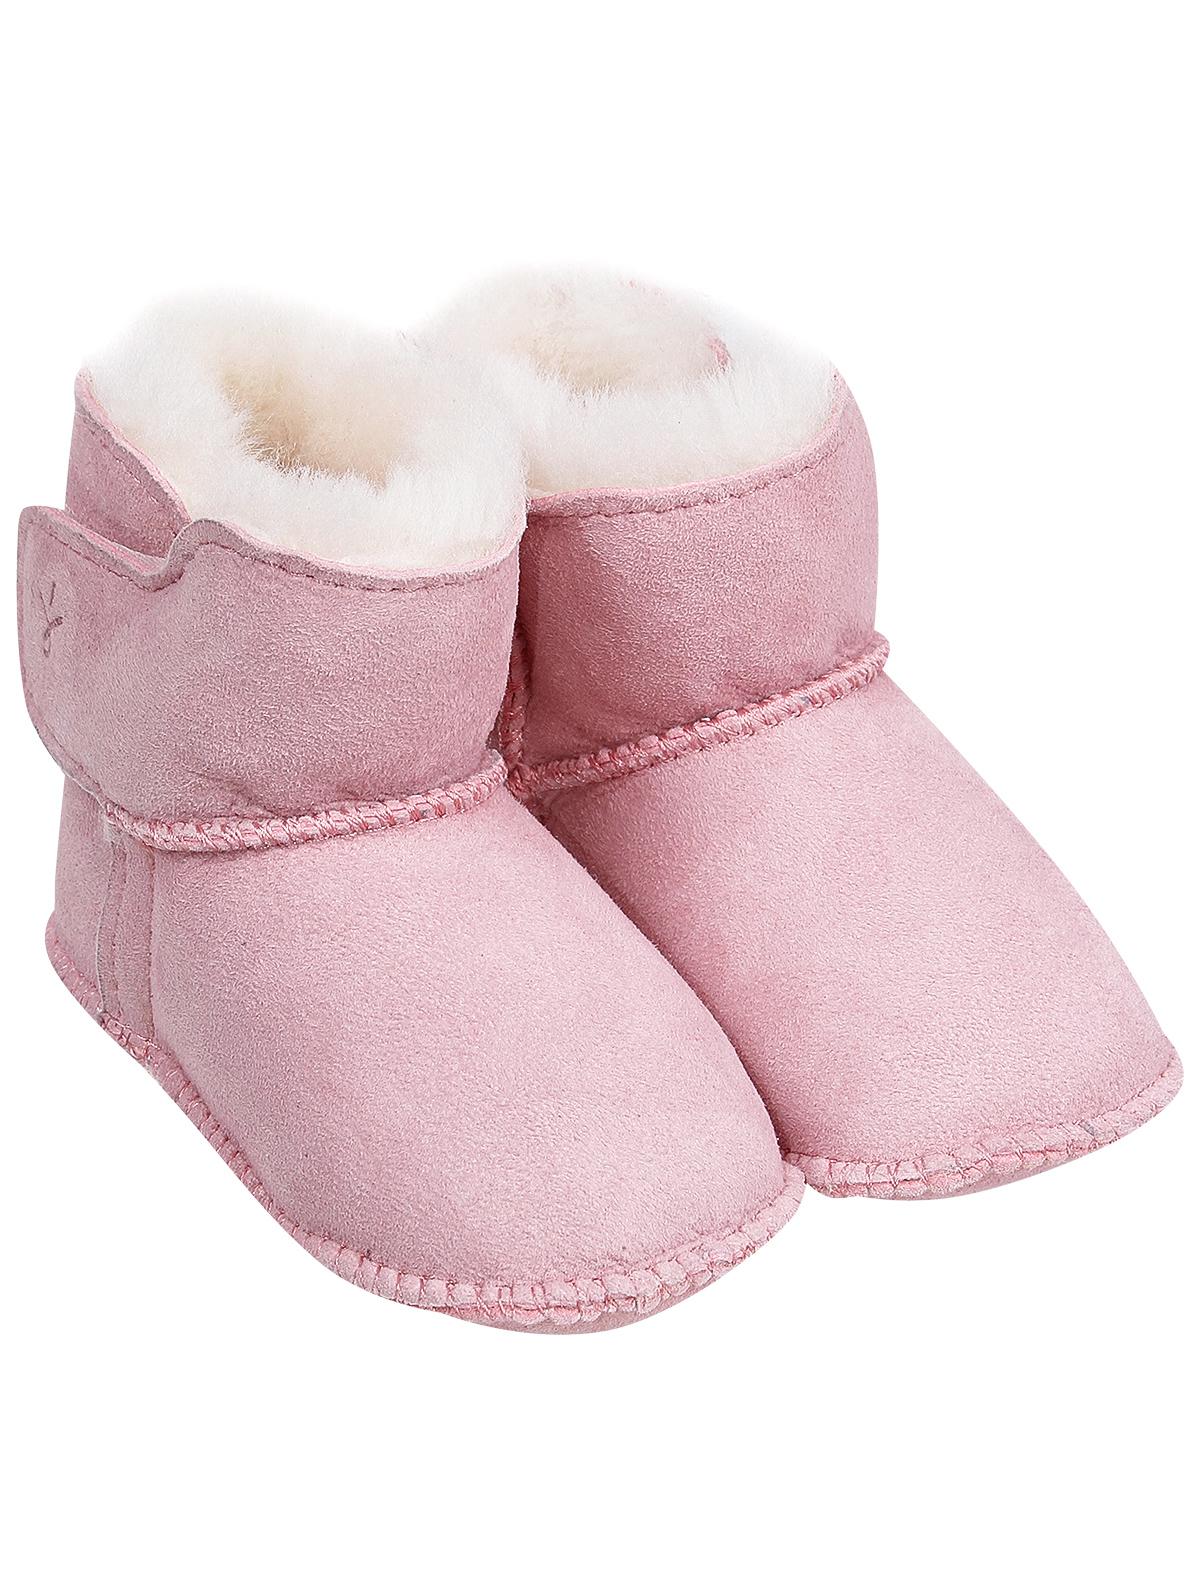 Купить 2265190, Пинетки Emu Australia, розовый, Женский, 2174509080080